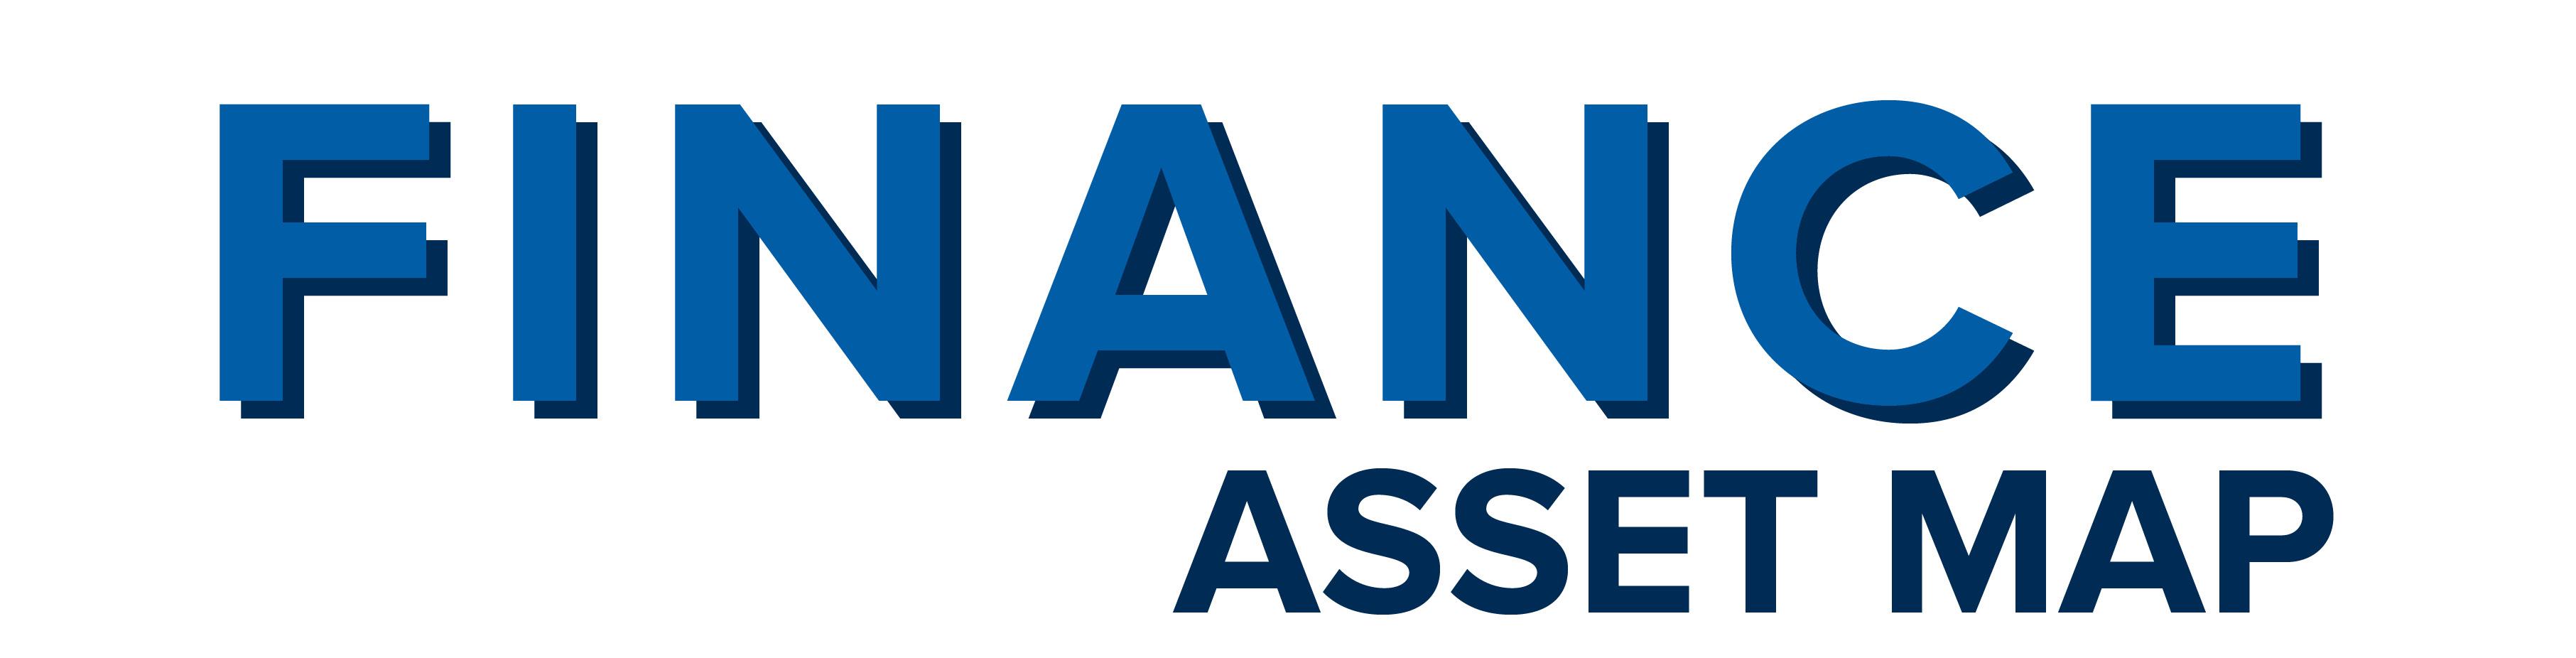 finance asset map